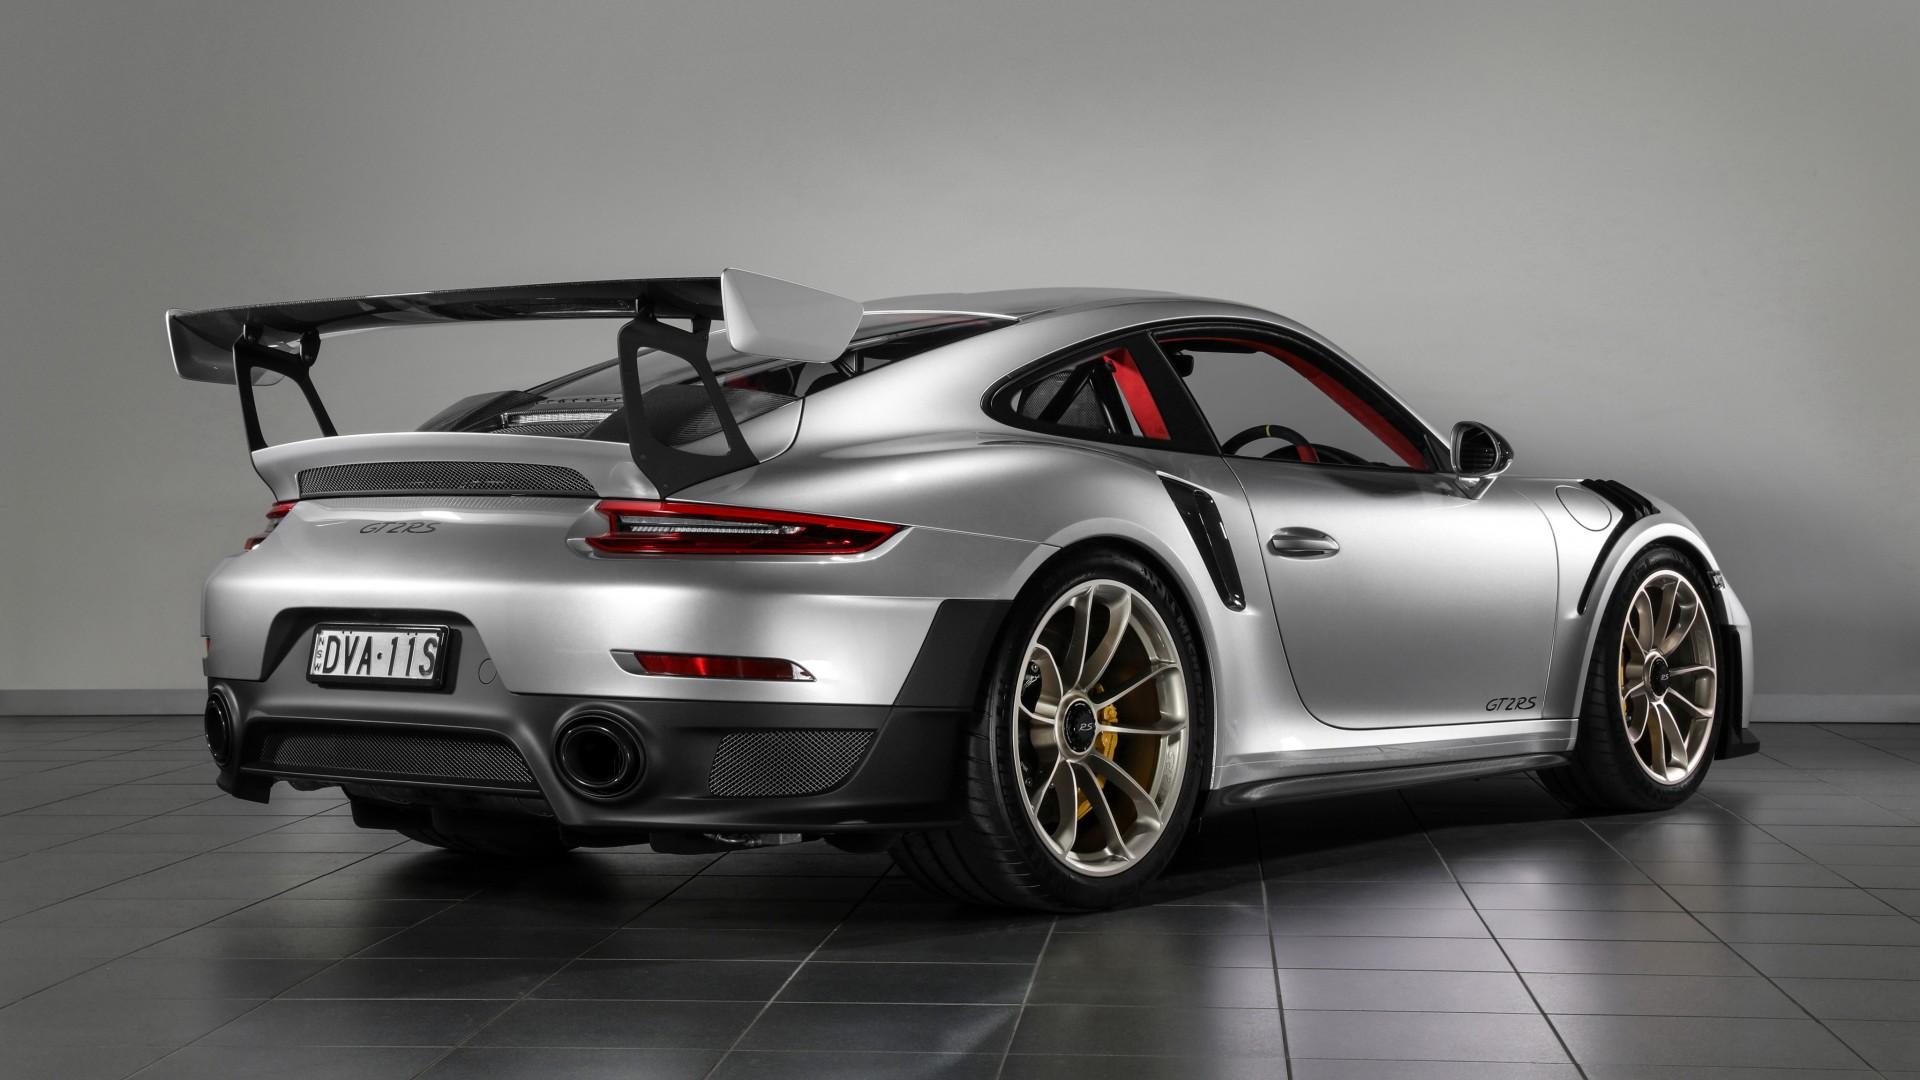 Ferrari Full Hd Wallpaper 2018 Porsche 911 Gt2 Rs 4k 4 Wallpaper Hd Car Wallpapers